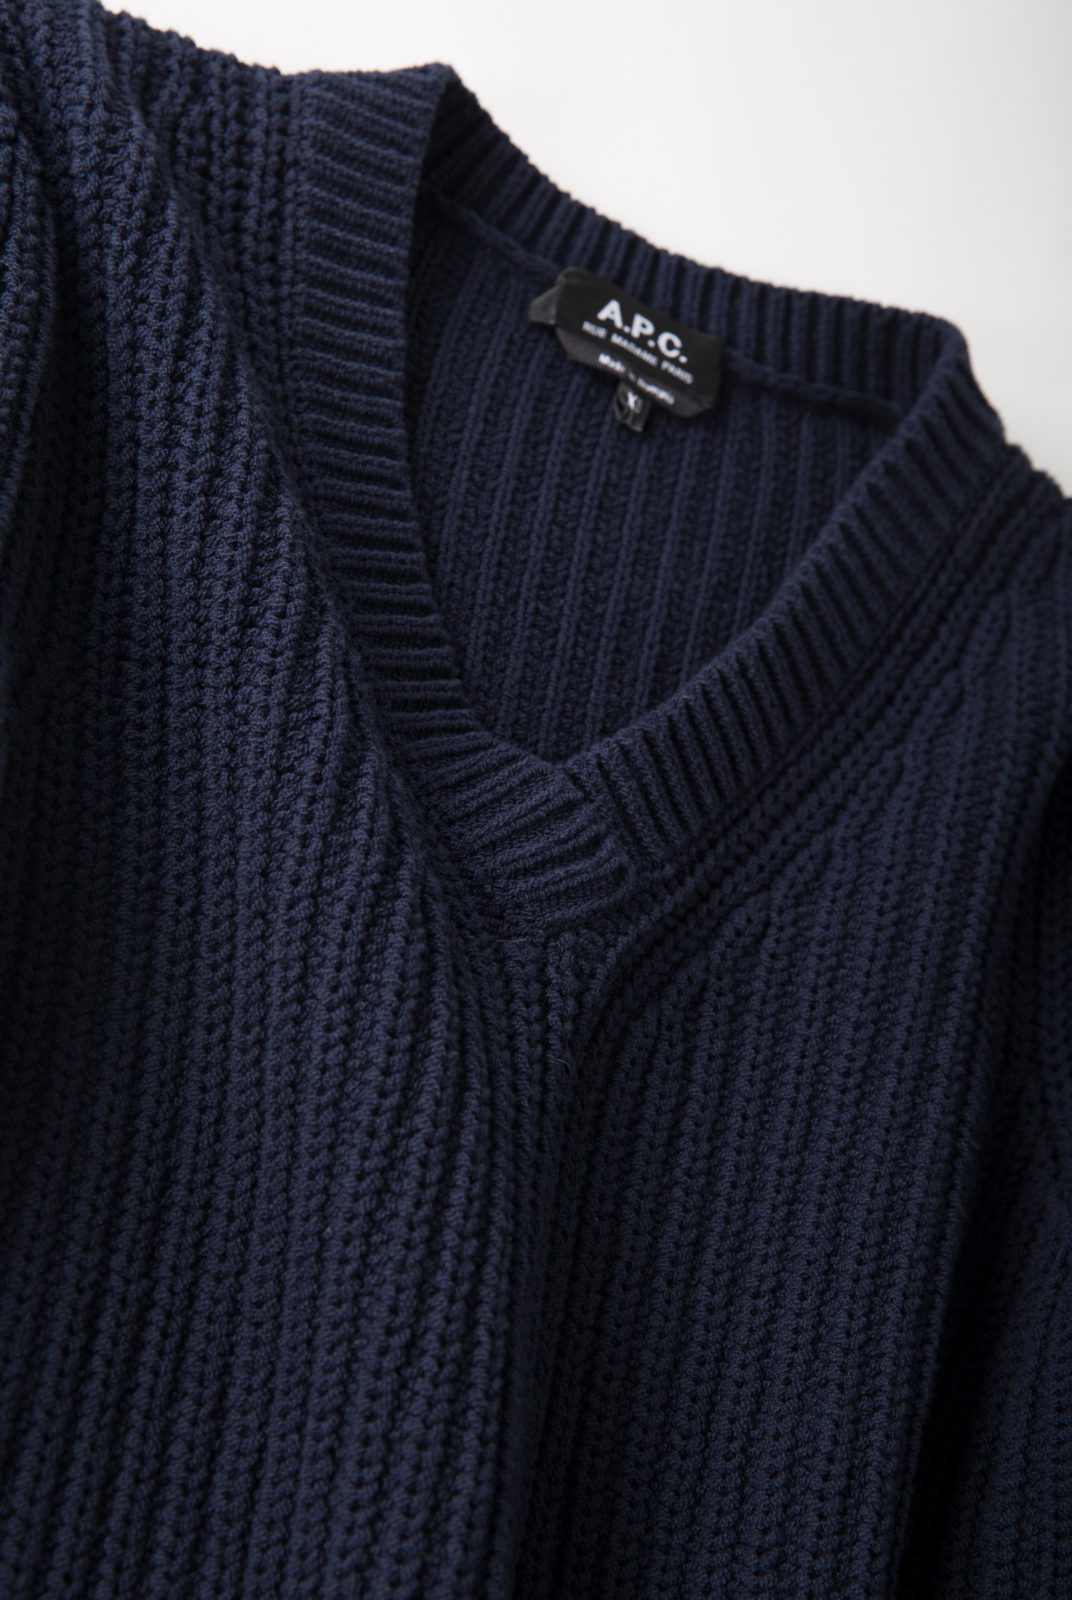 pull, tricot de coton, forme droite ajustée, encolure en V, apc